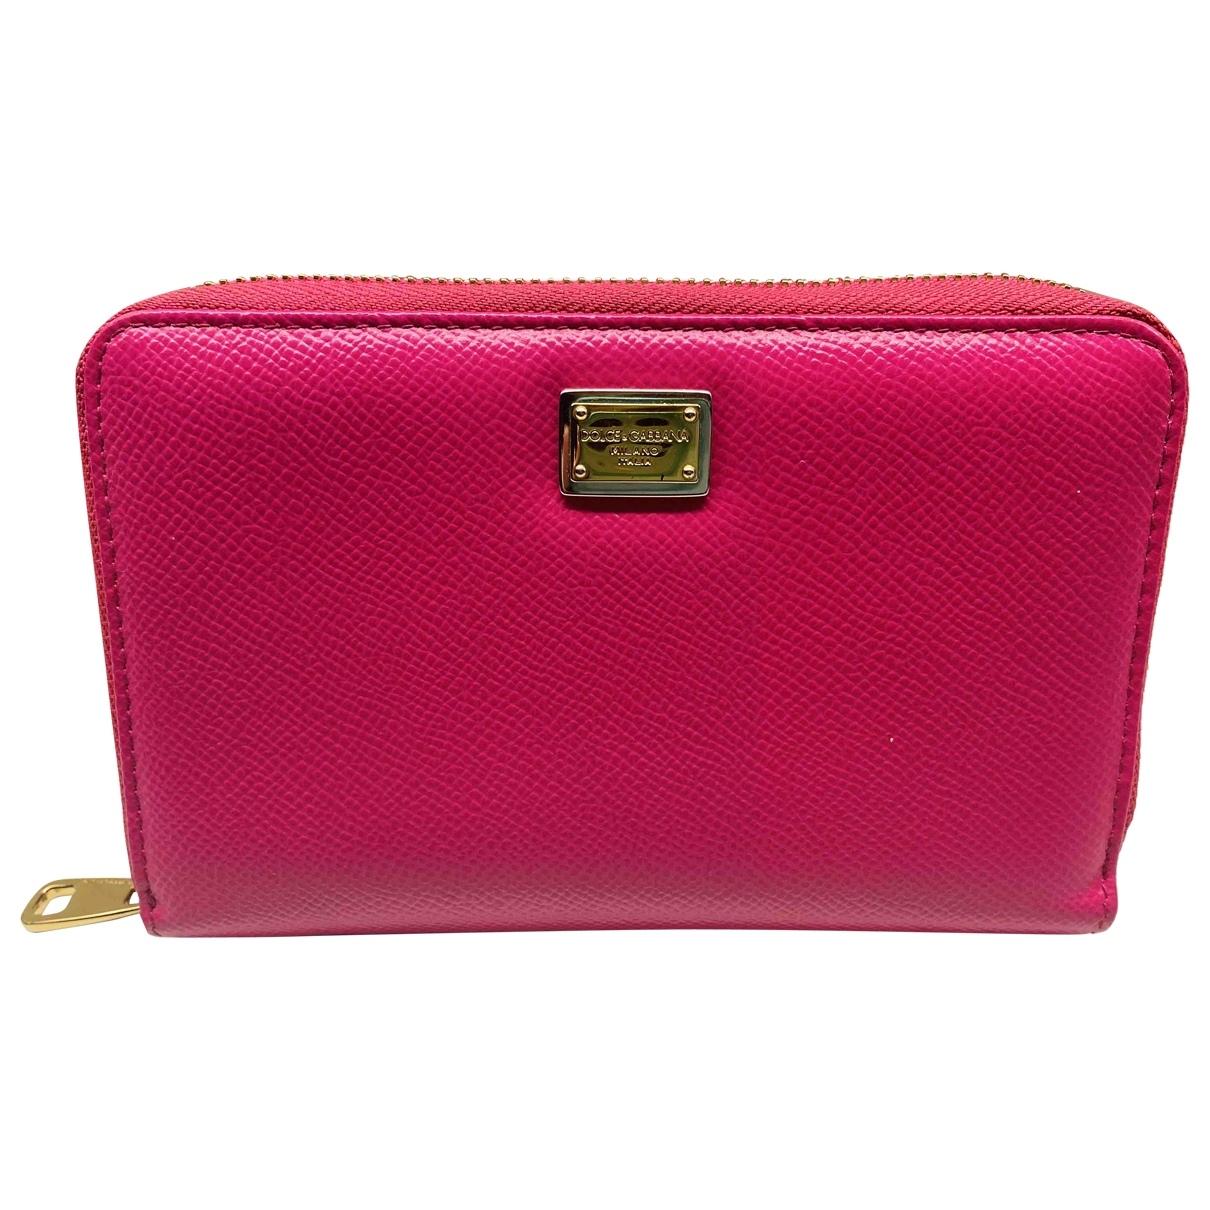 Dolce & Gabbana - Portefeuille   pour femme en cuir - rose